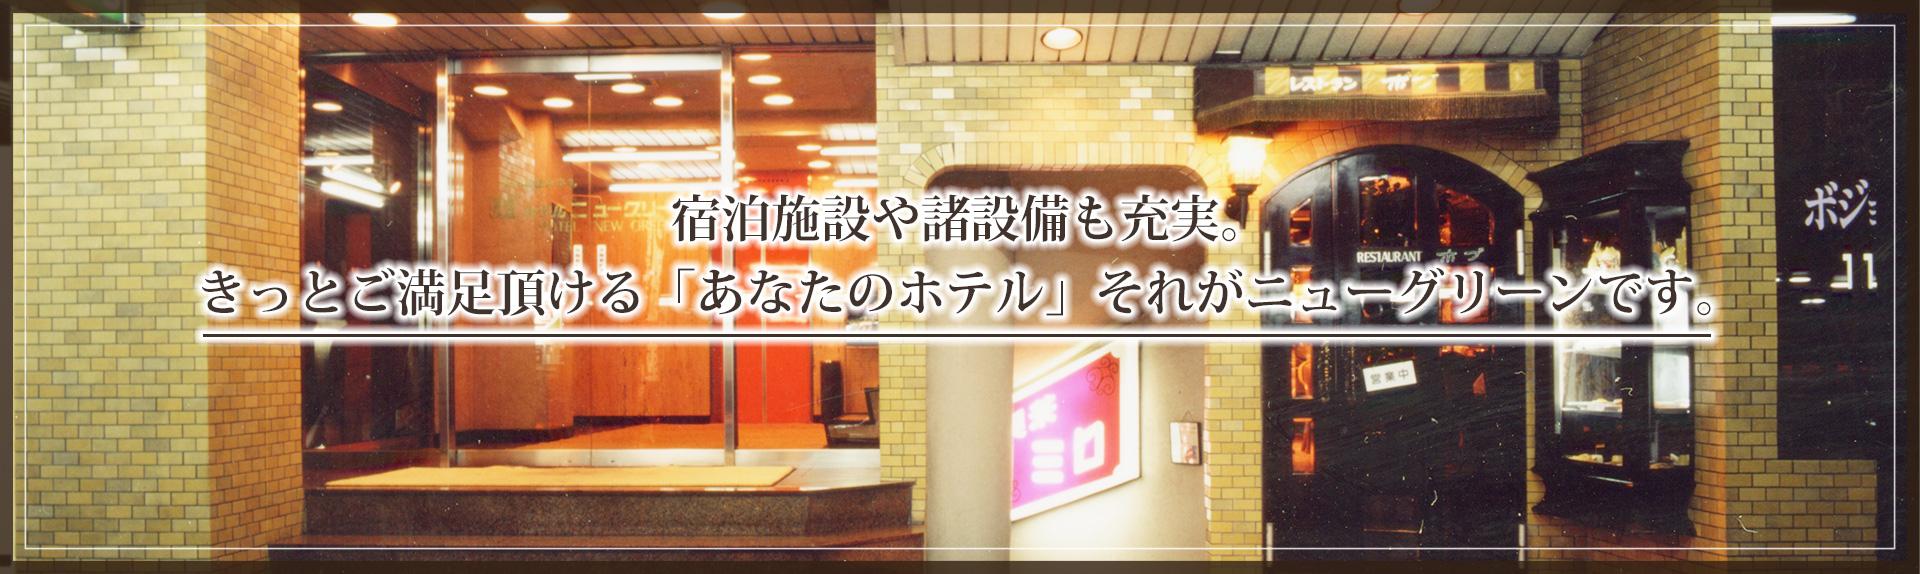 ニュー 長岡 ホテル グリーン